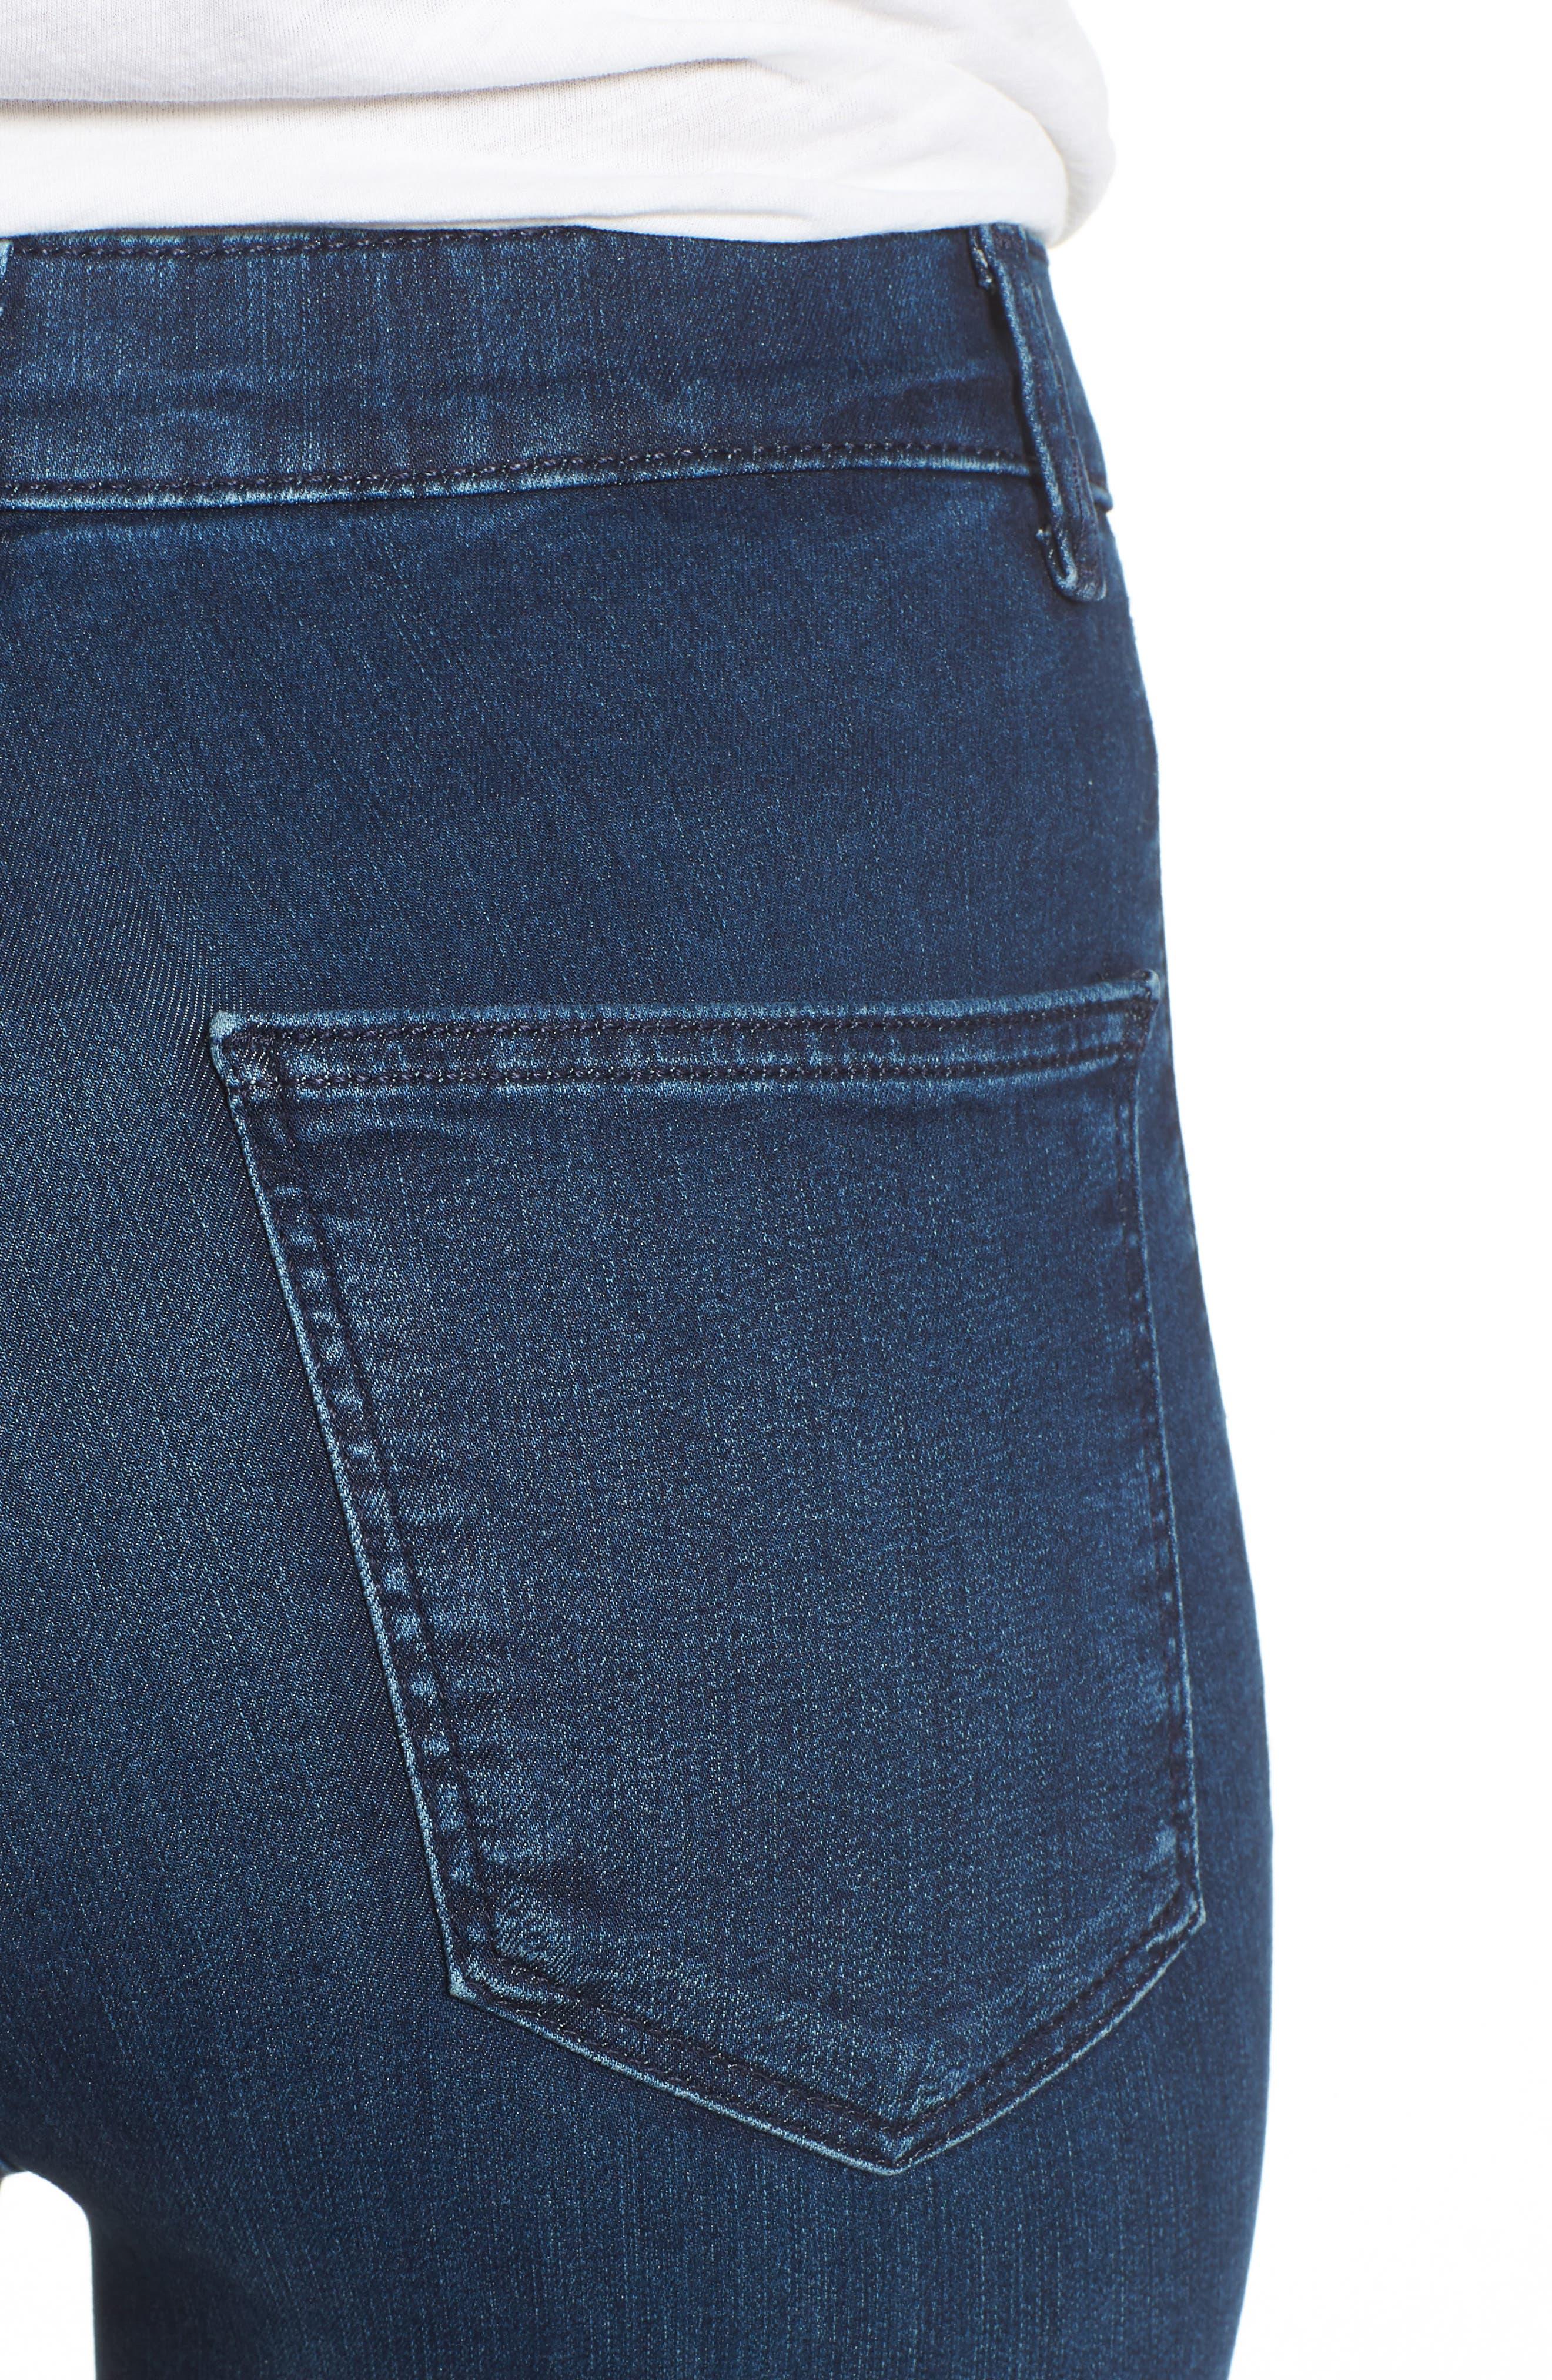 Moto Joni Indigo Jeans,                             Alternate thumbnail 4, color,                             400